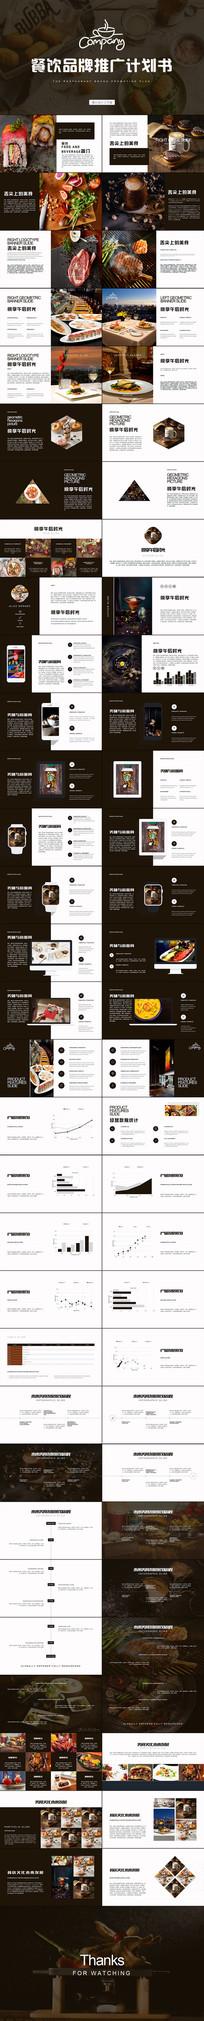 西餐美味披萨美食介绍简介菜谱PPT模版